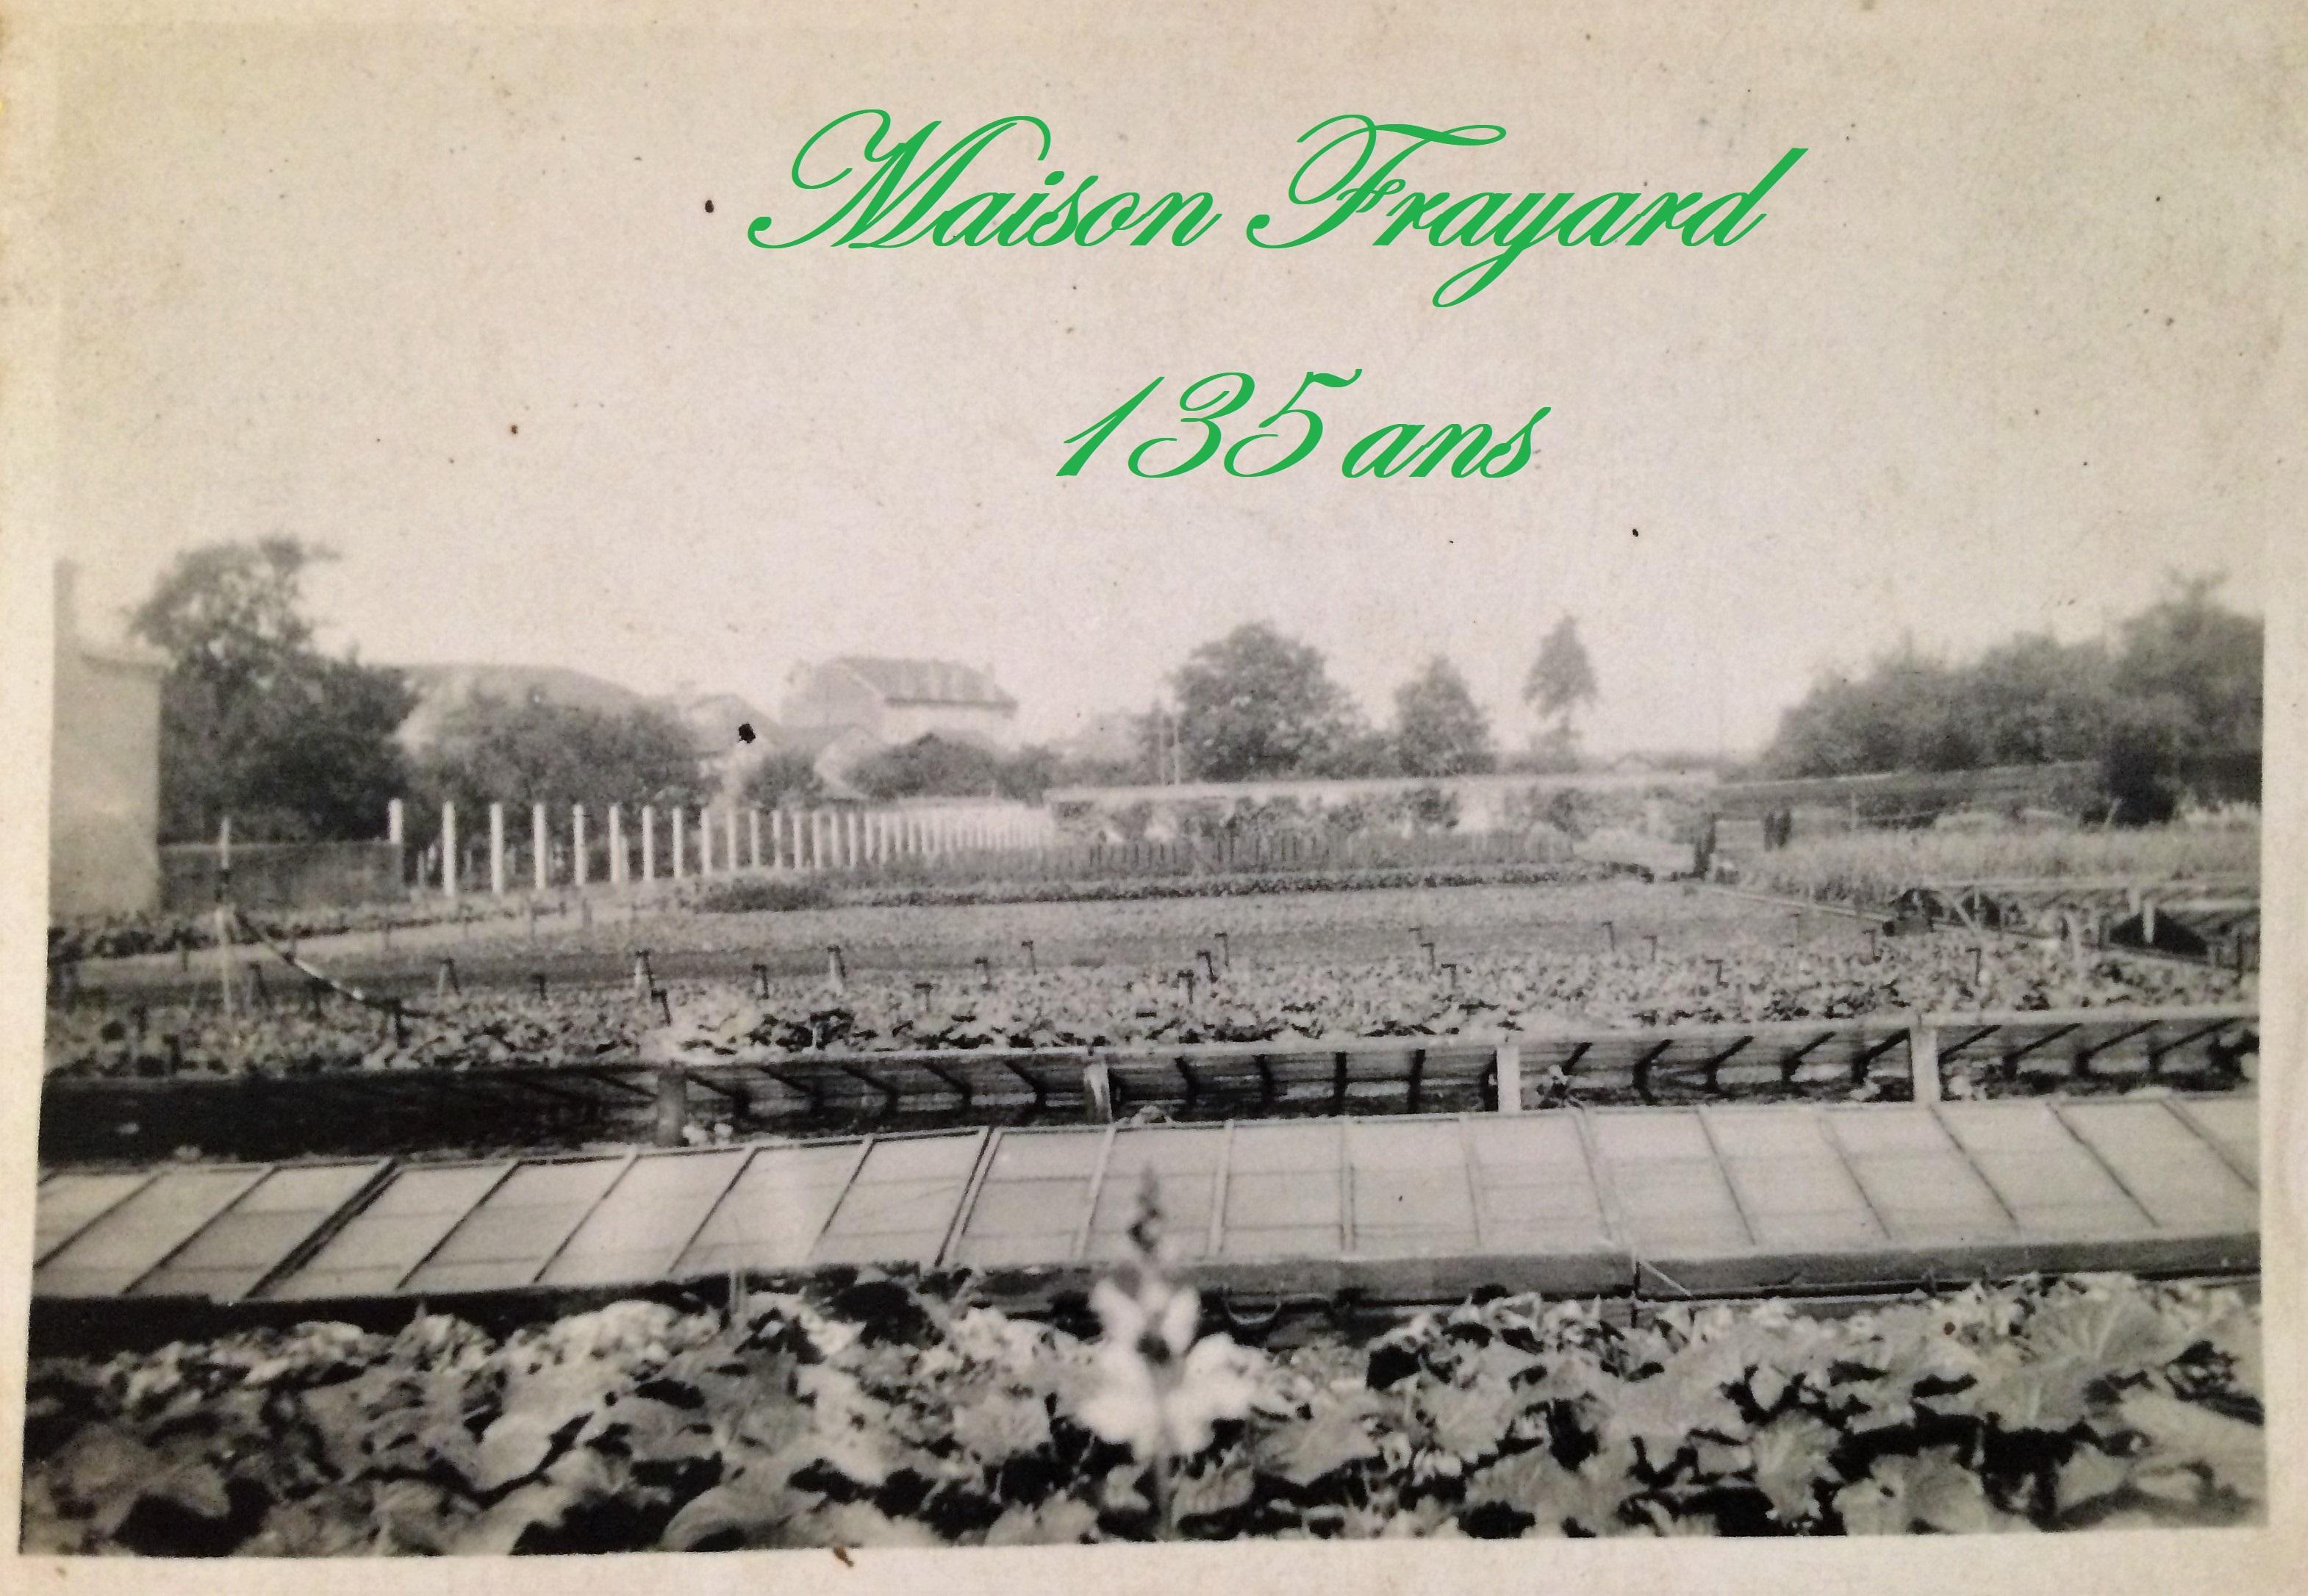 Maison Frayard